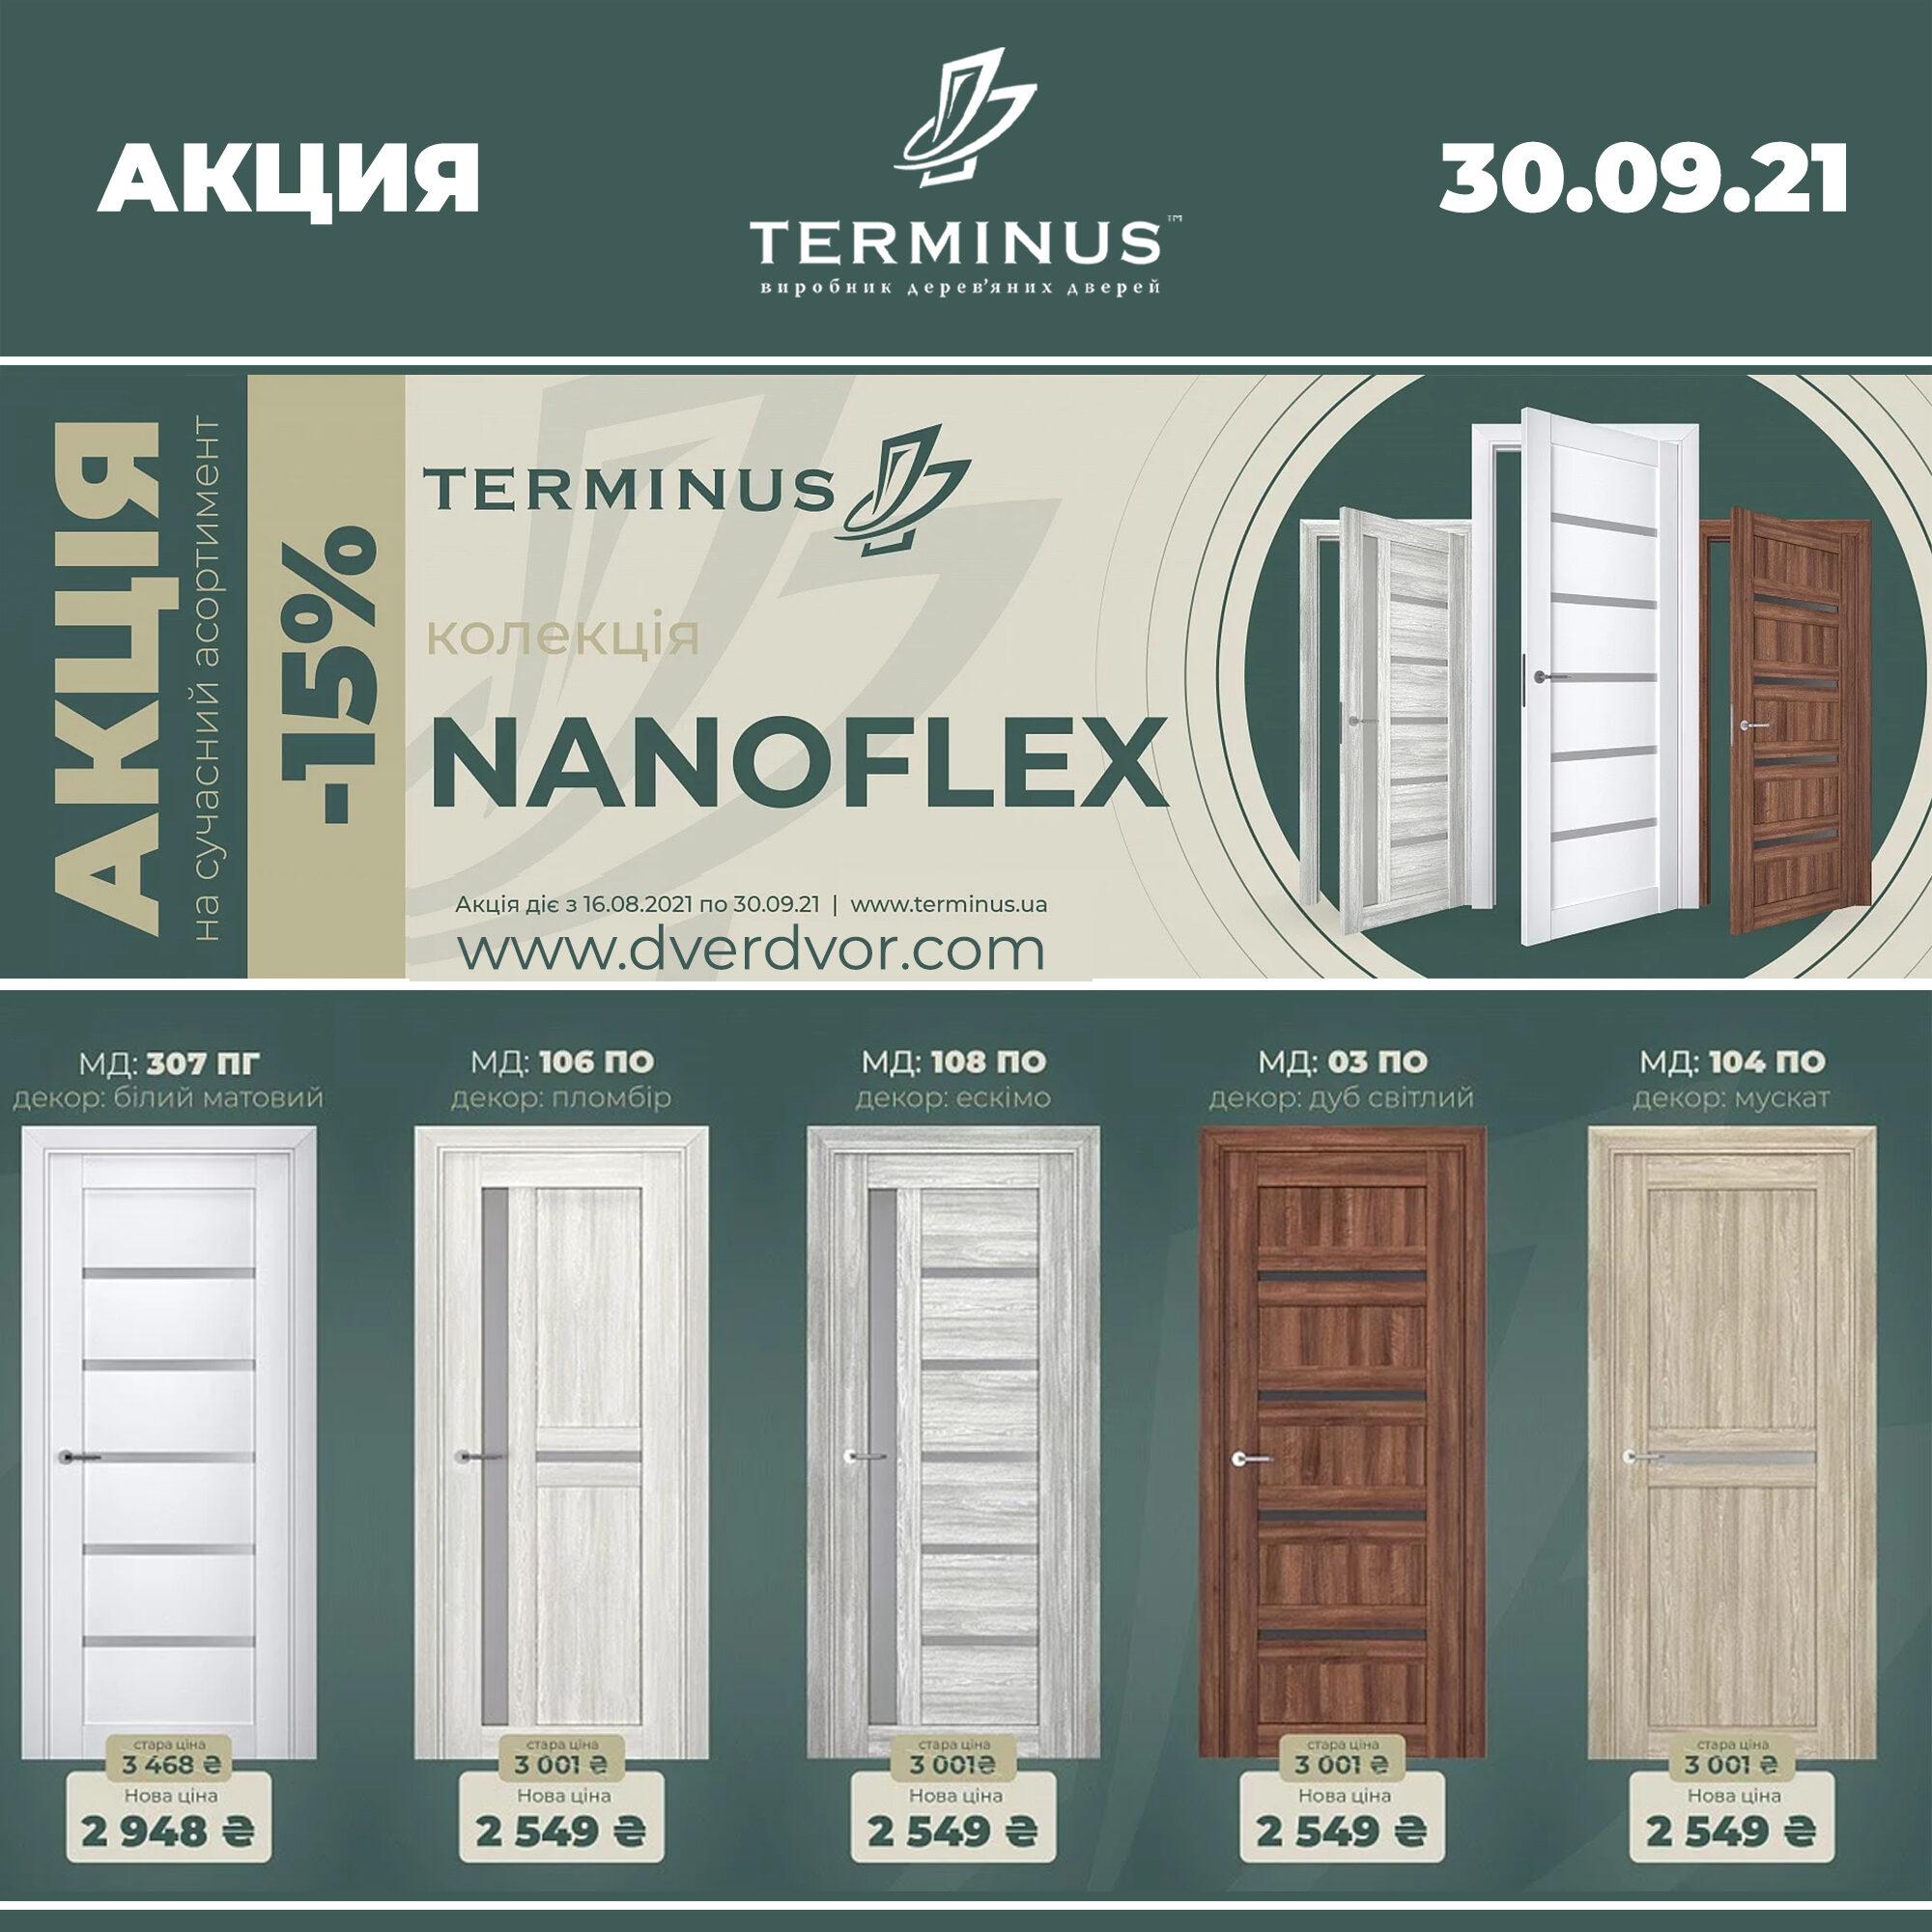 30.09.2021 Terminus Nanoflex